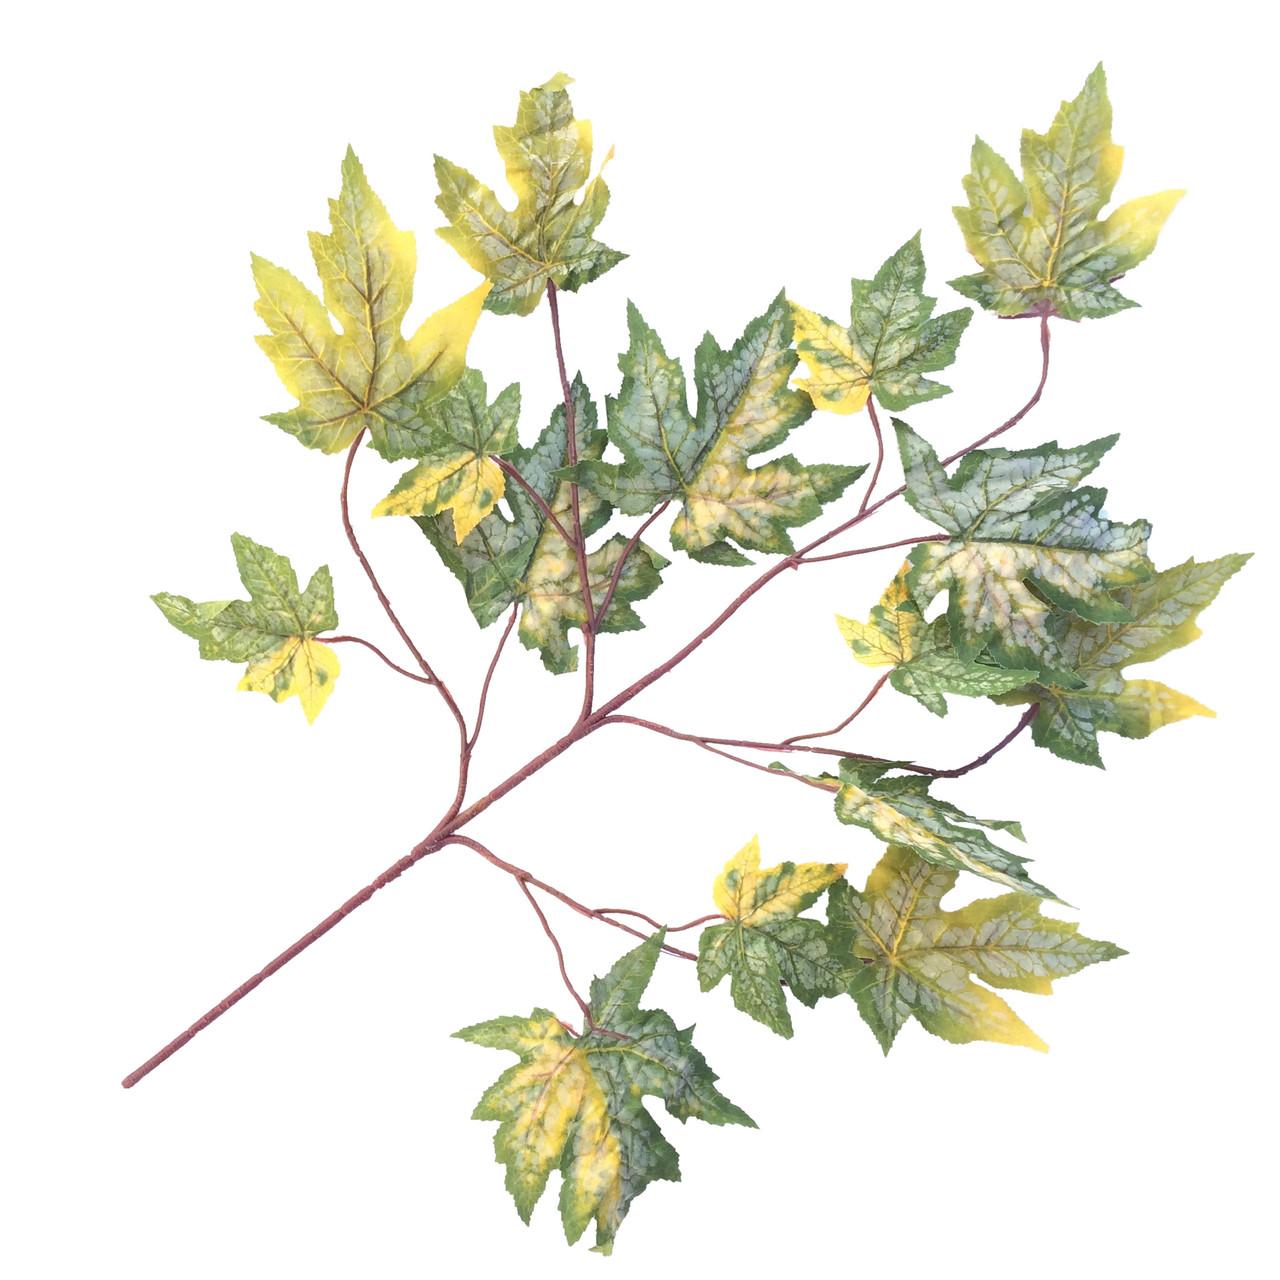 Ветка клена желто-зеленого  68 см (6 шт в уп)